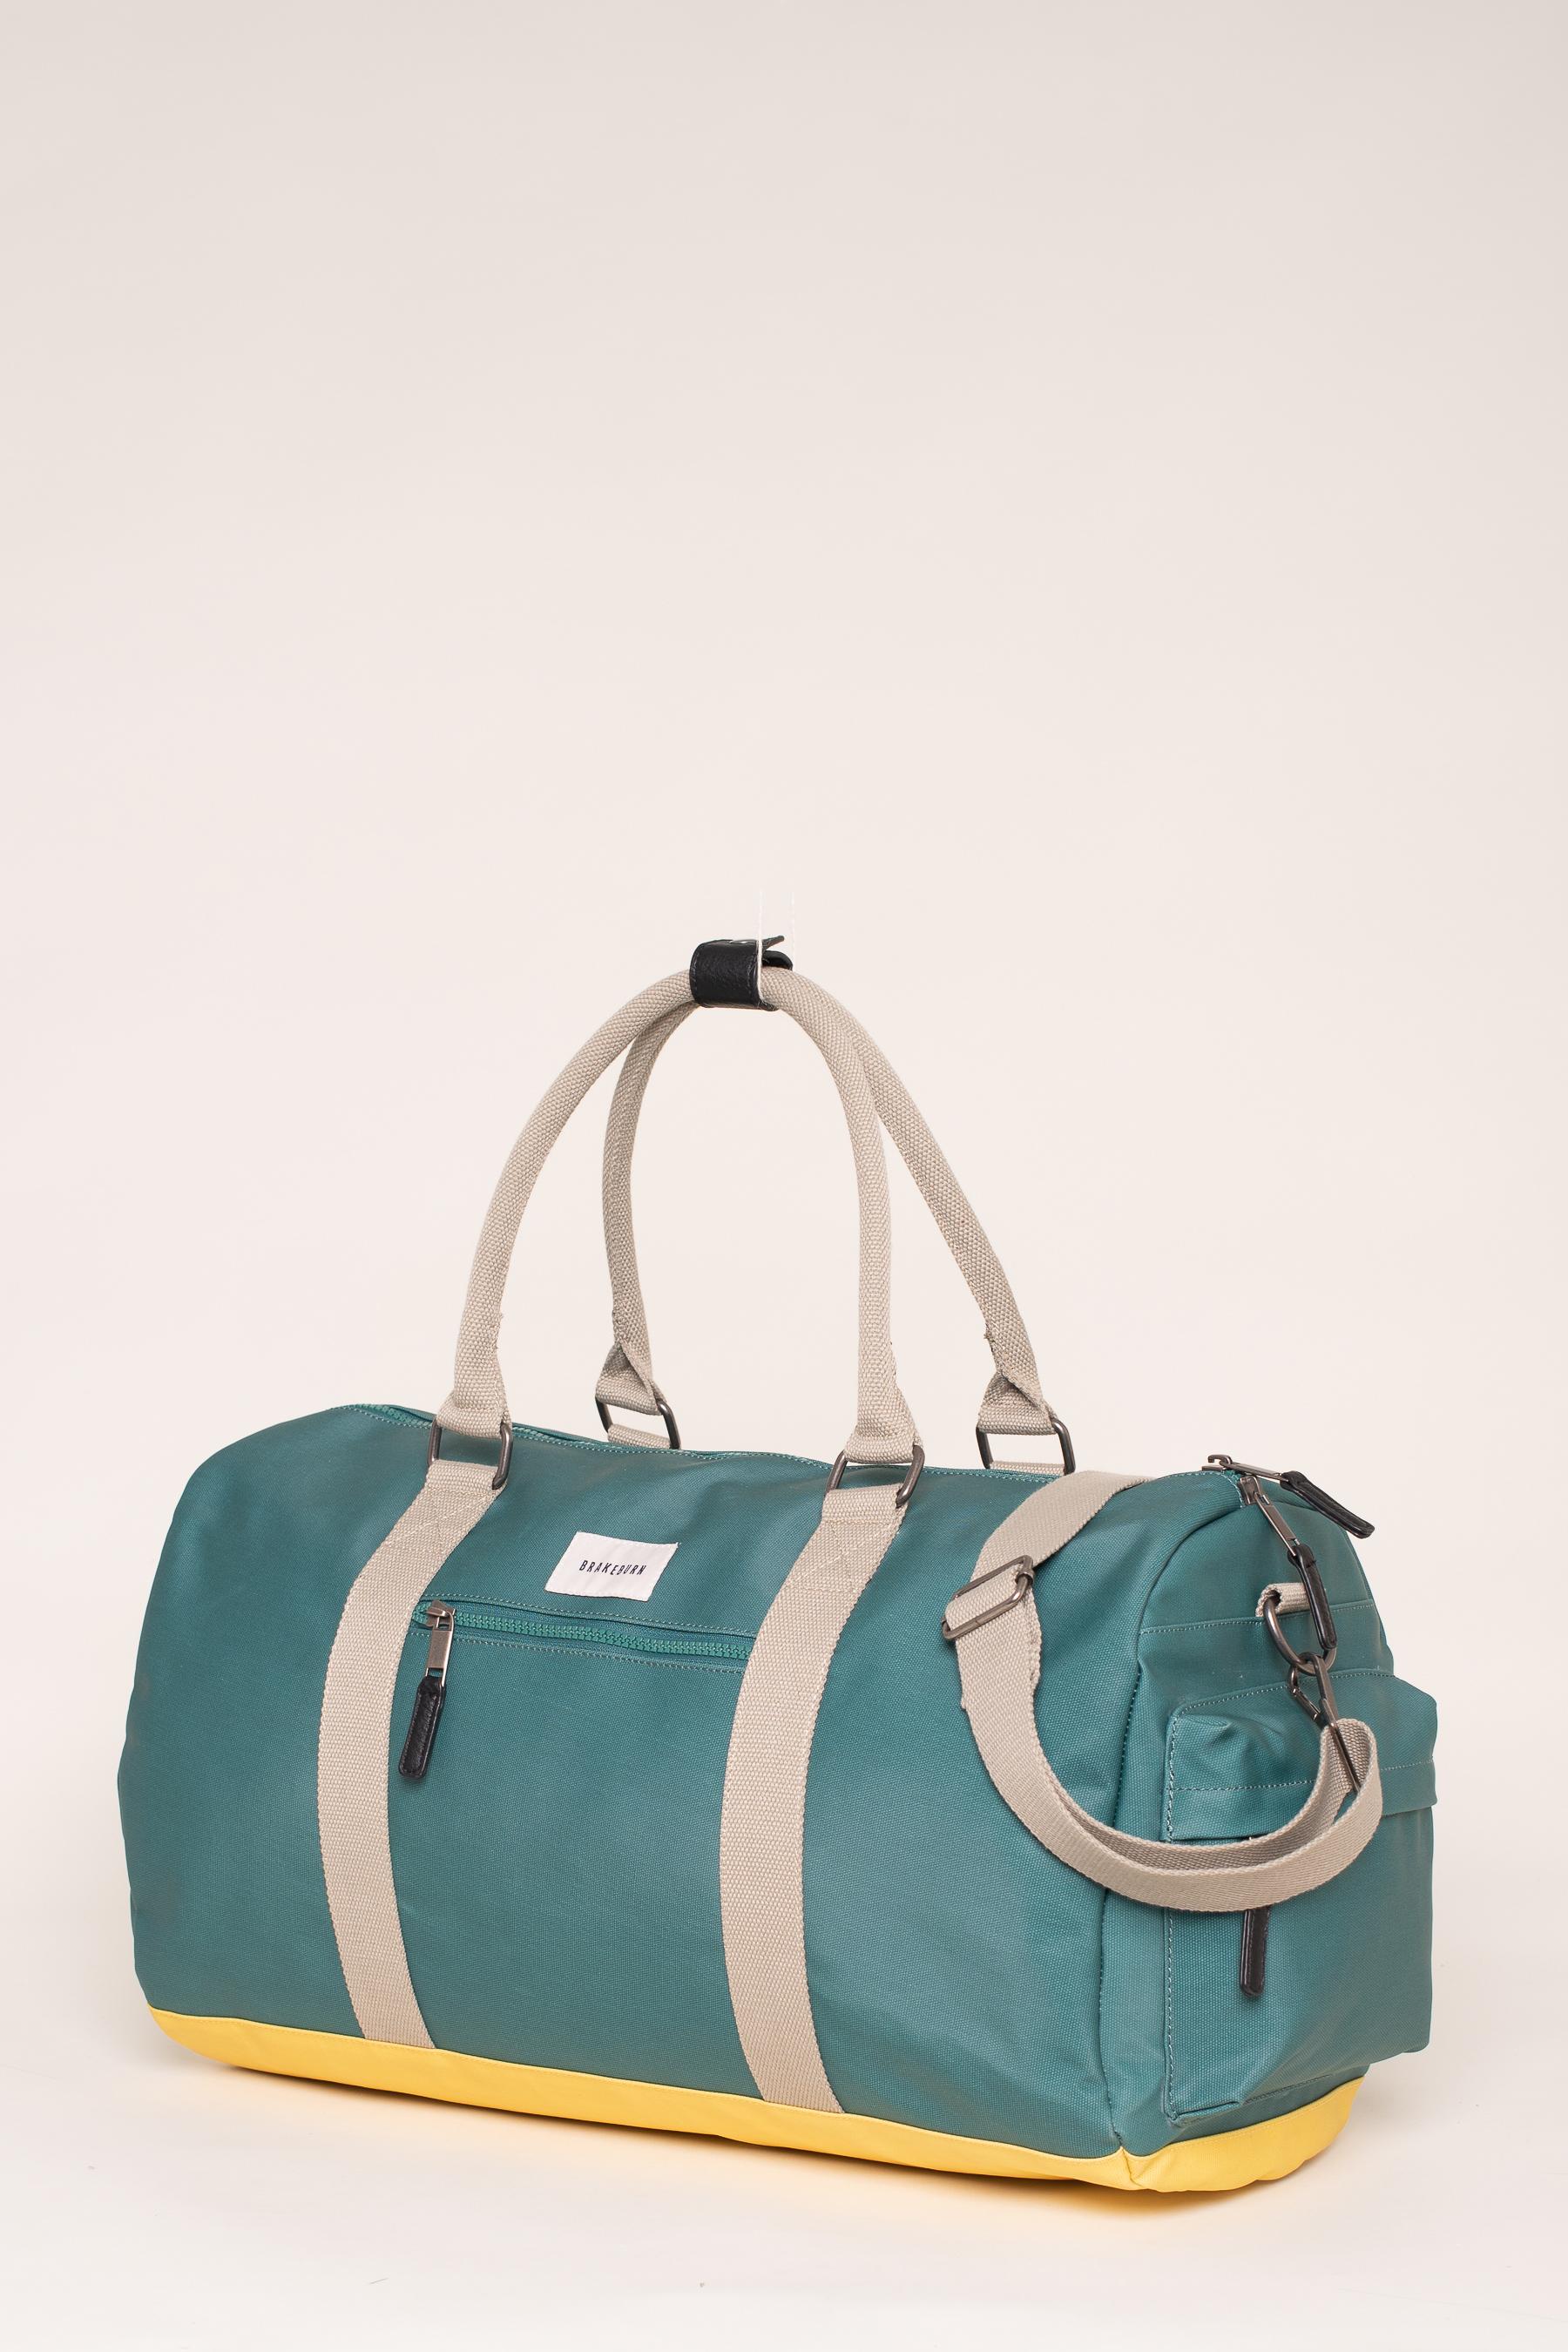 Brakeburn Green & Yellow Duffel Bag